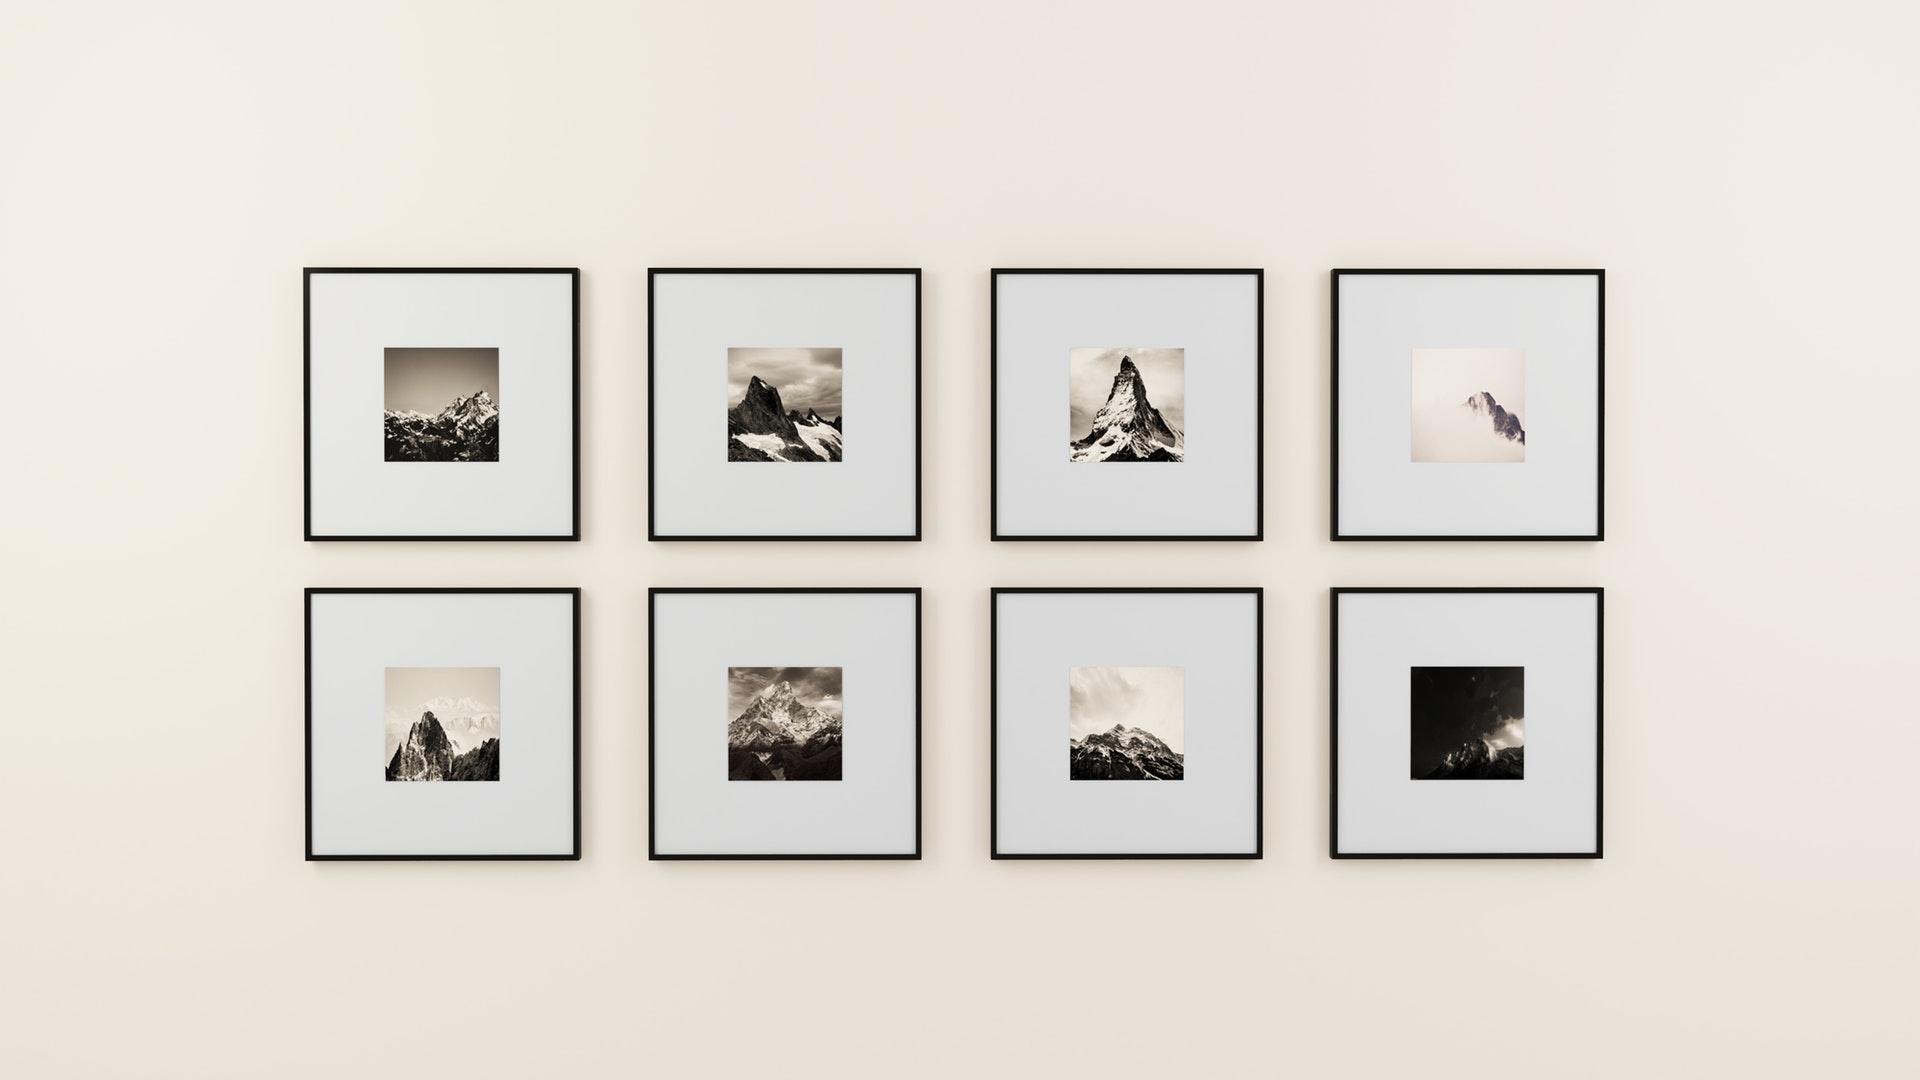 Bilder richtig aufhängen: Galeriewand peppt Räume auf